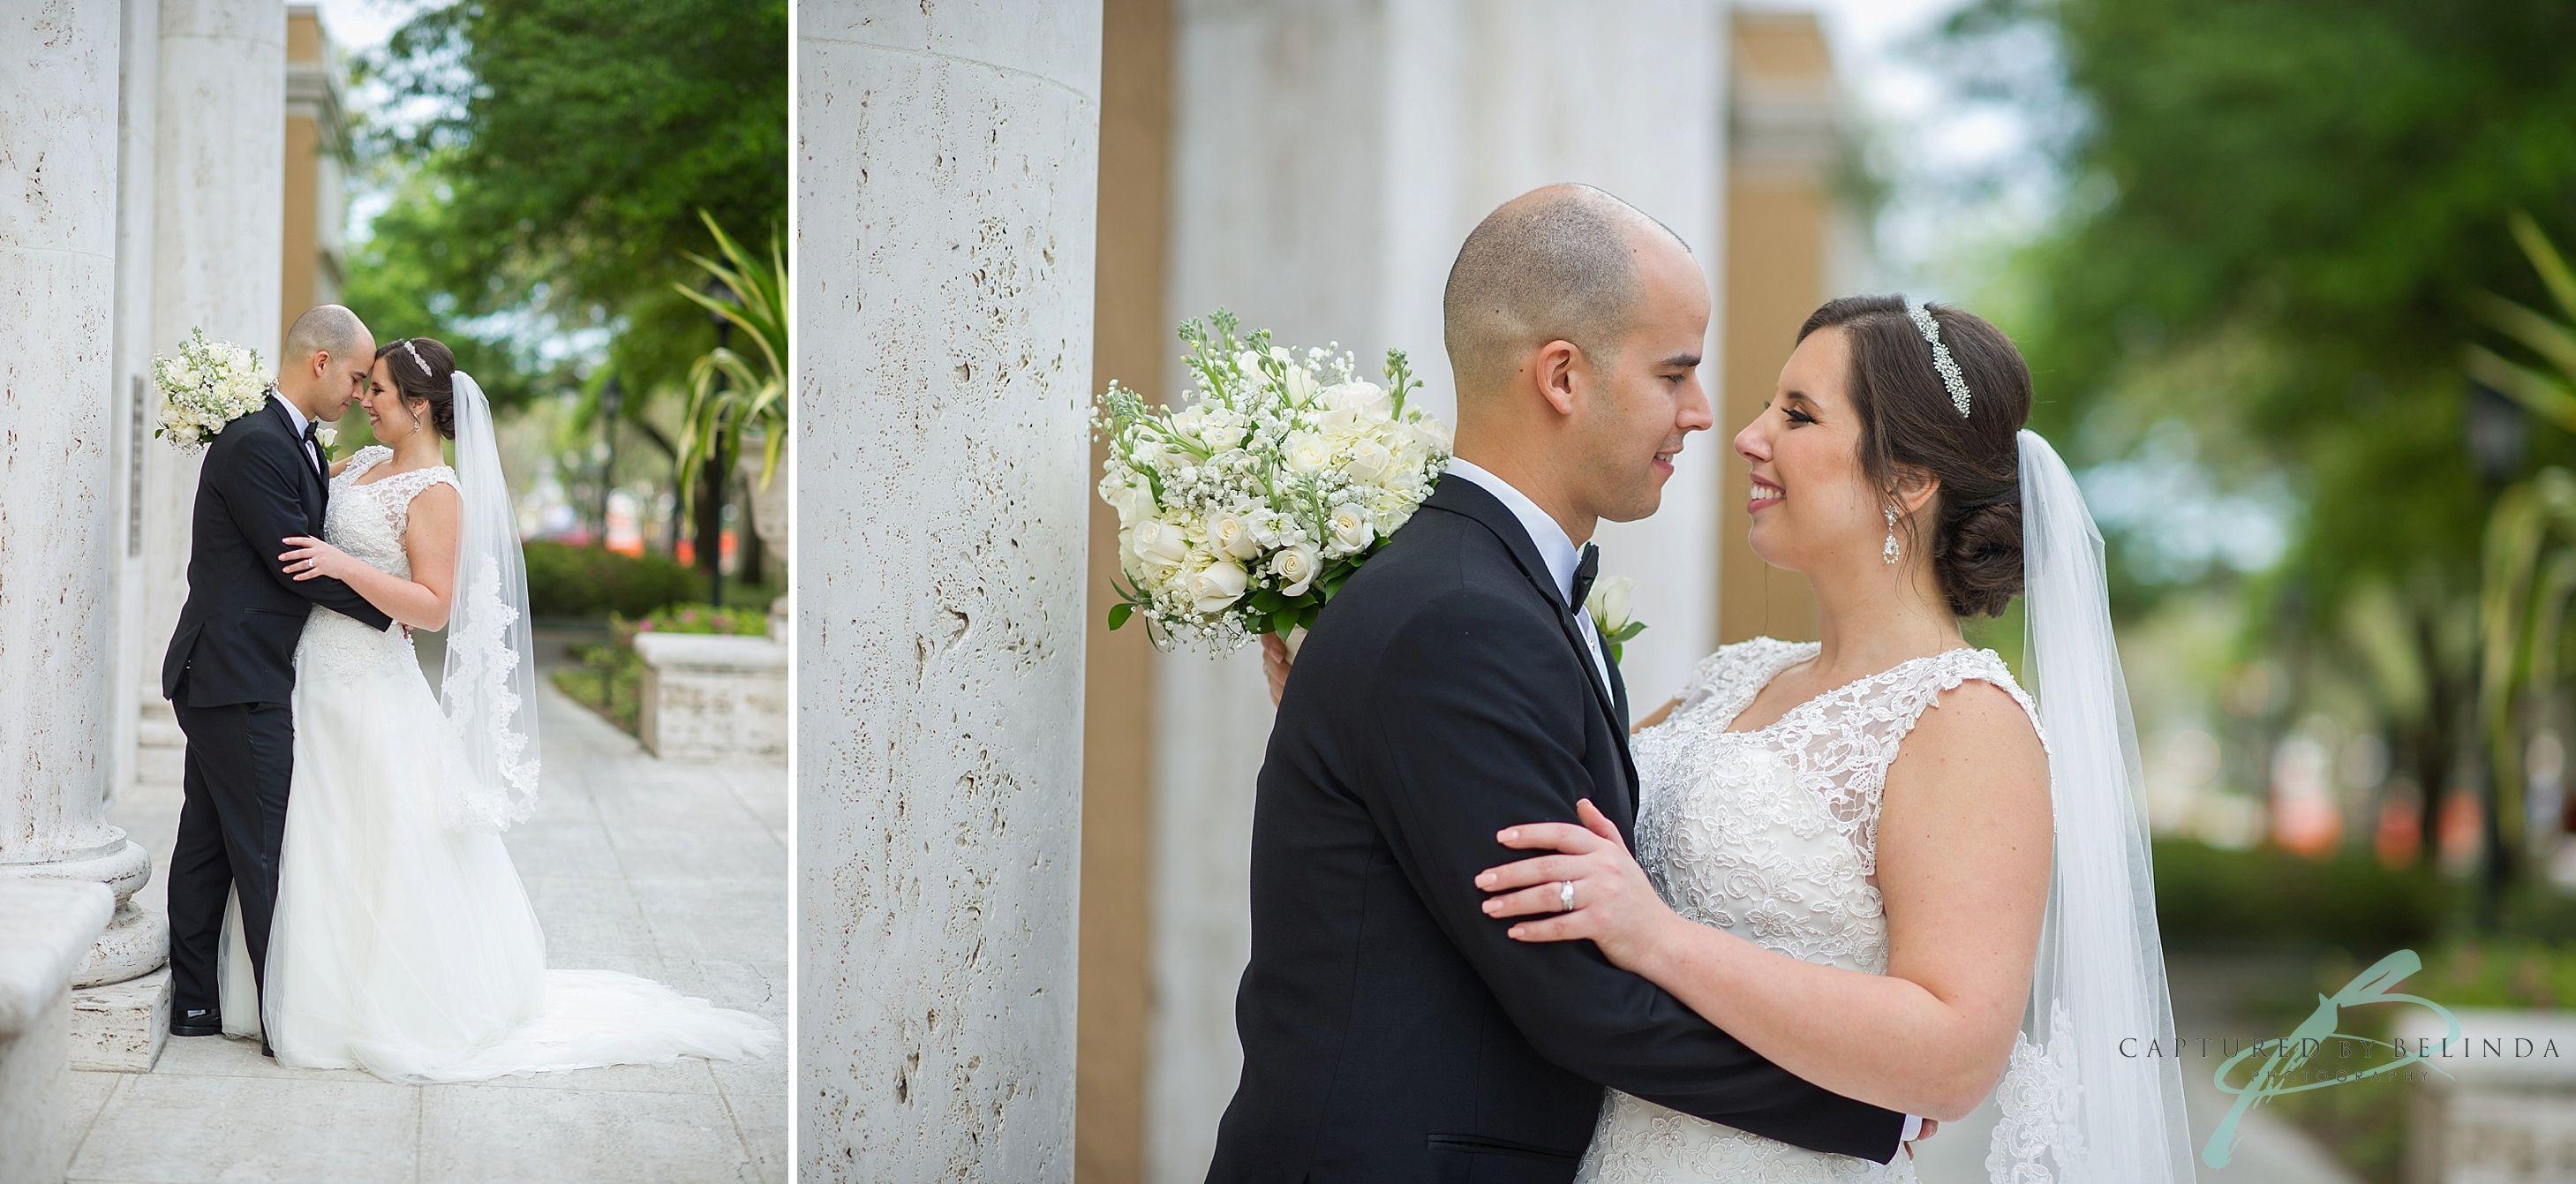 Alfond Inn Wedding Alfond Inn Wedding Photographer Alfond Inn Wedding Photography Knowles Chapel We Orlando Wedding Photographer Chapel Wedding Orlando Wedding